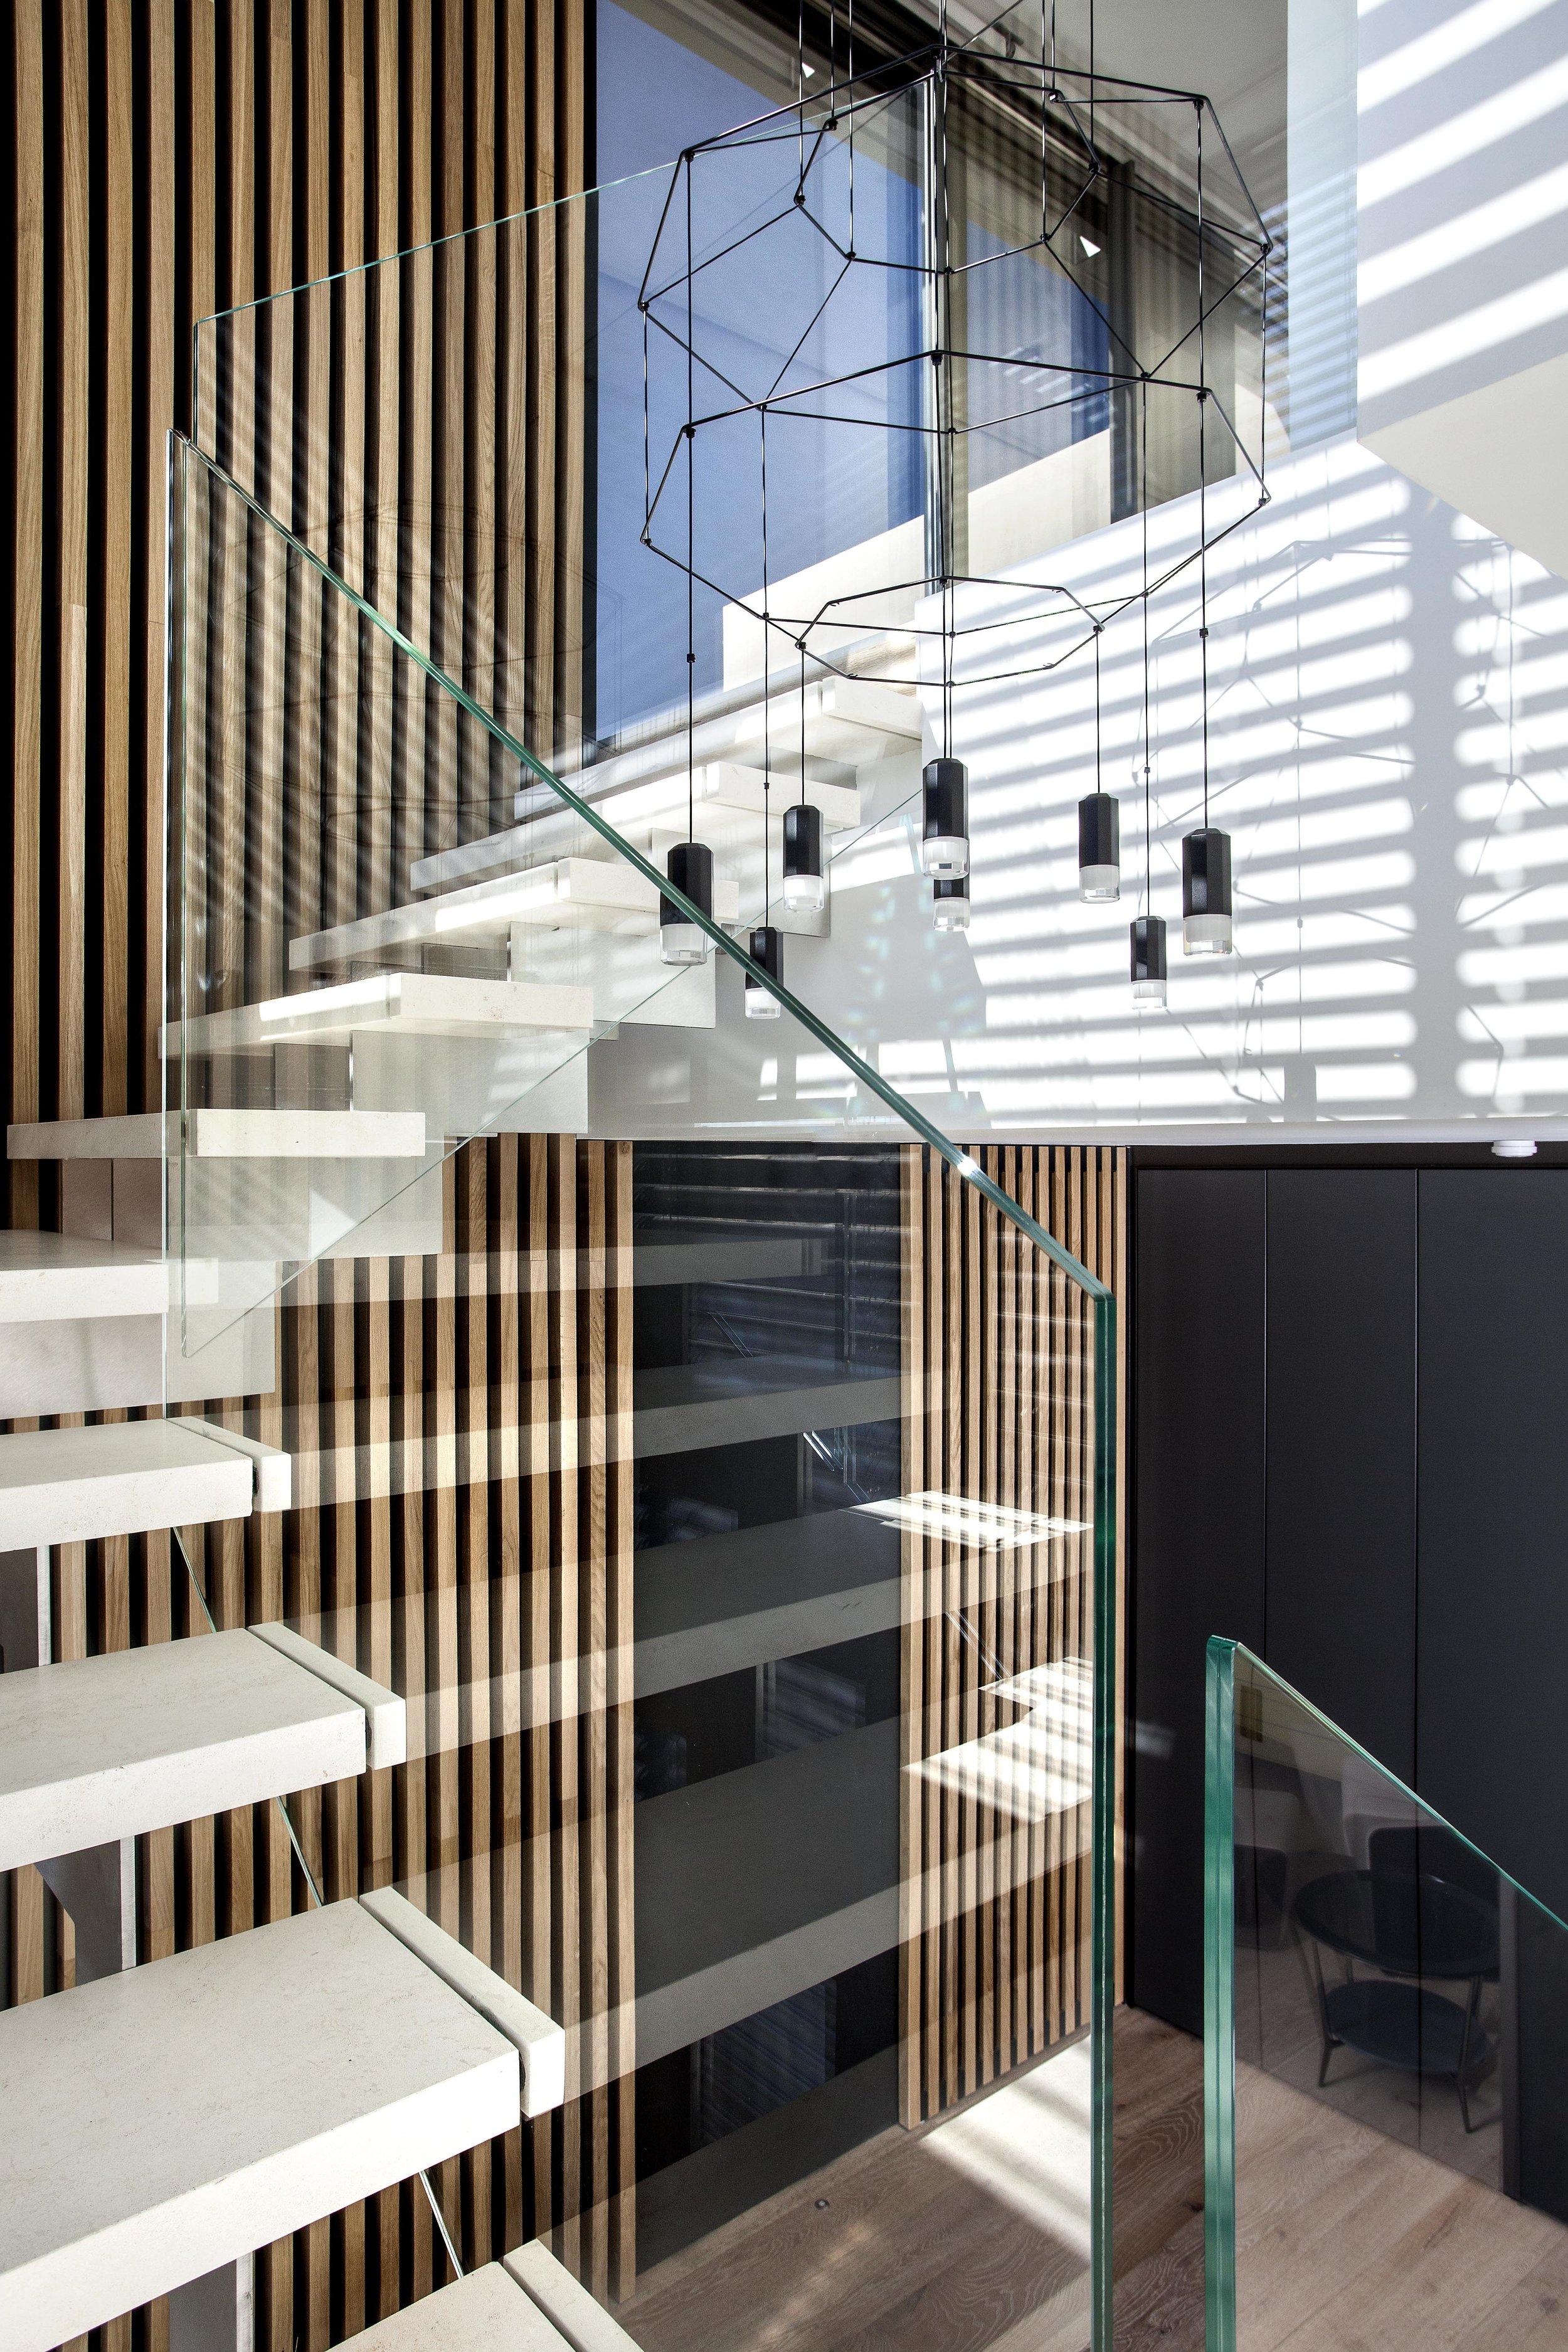 isolinamalloninteriors.pendant.staircase